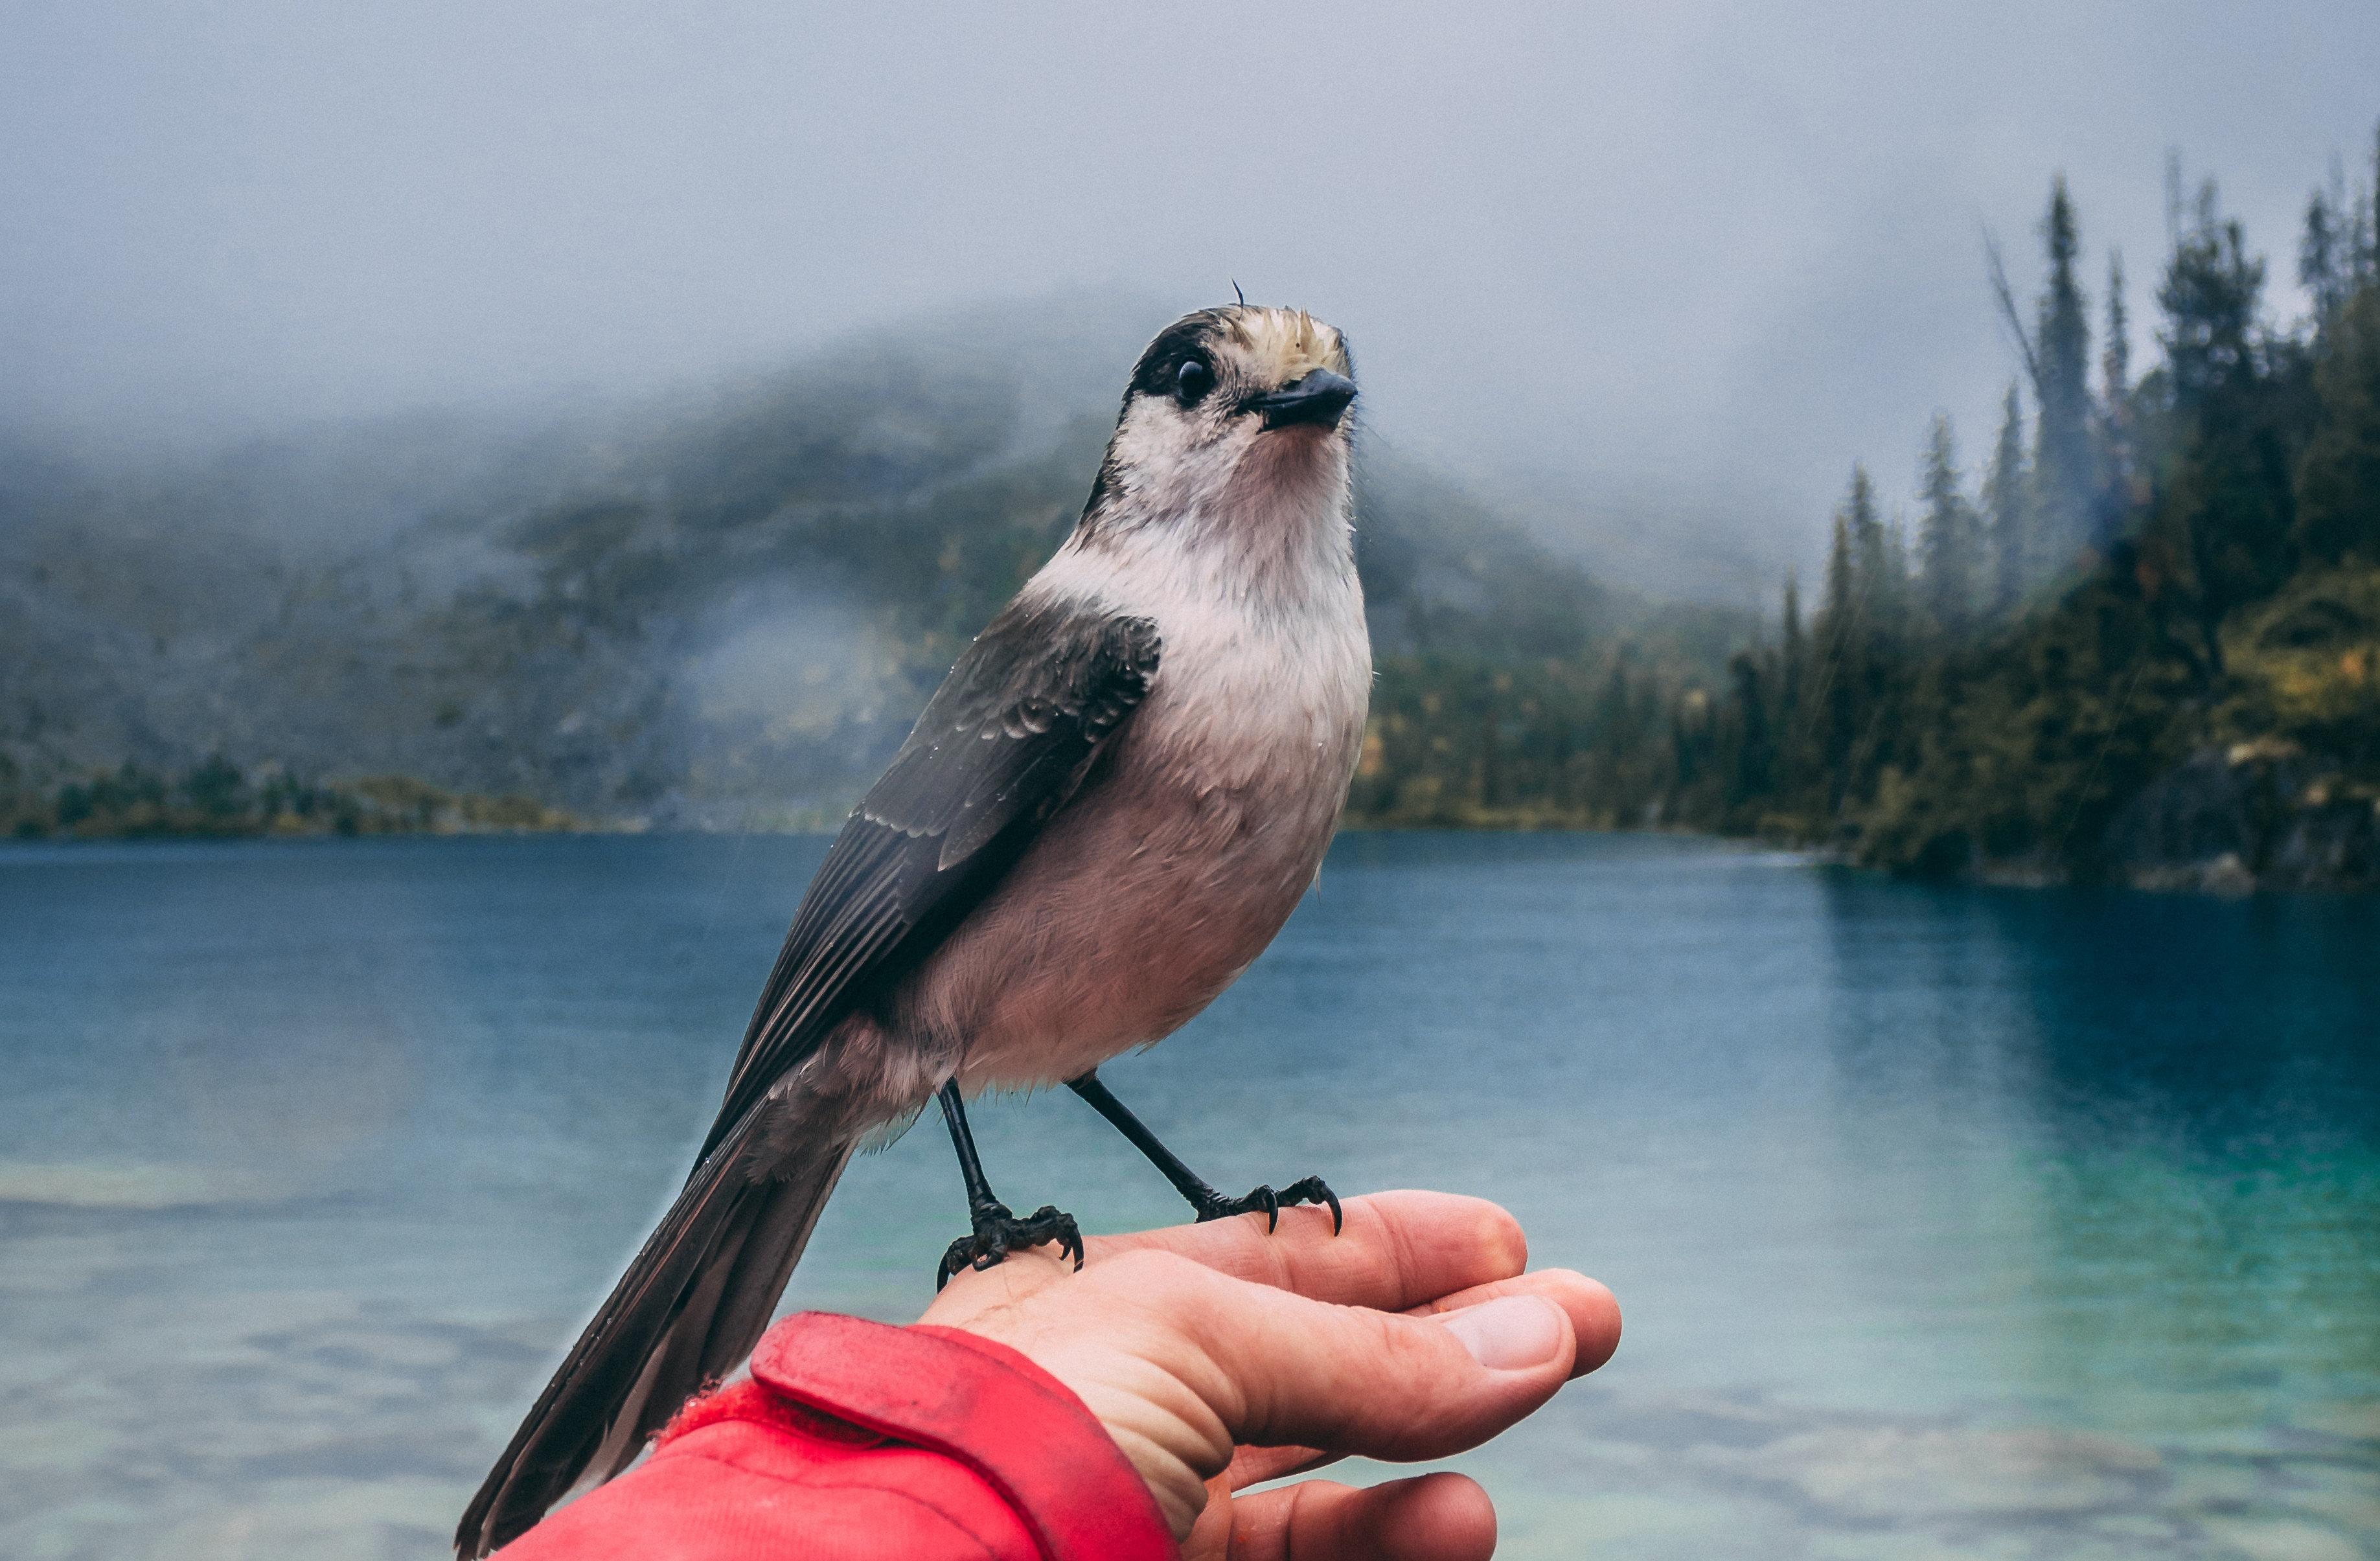 фото птицы и человек картинки распоряжении экипажа